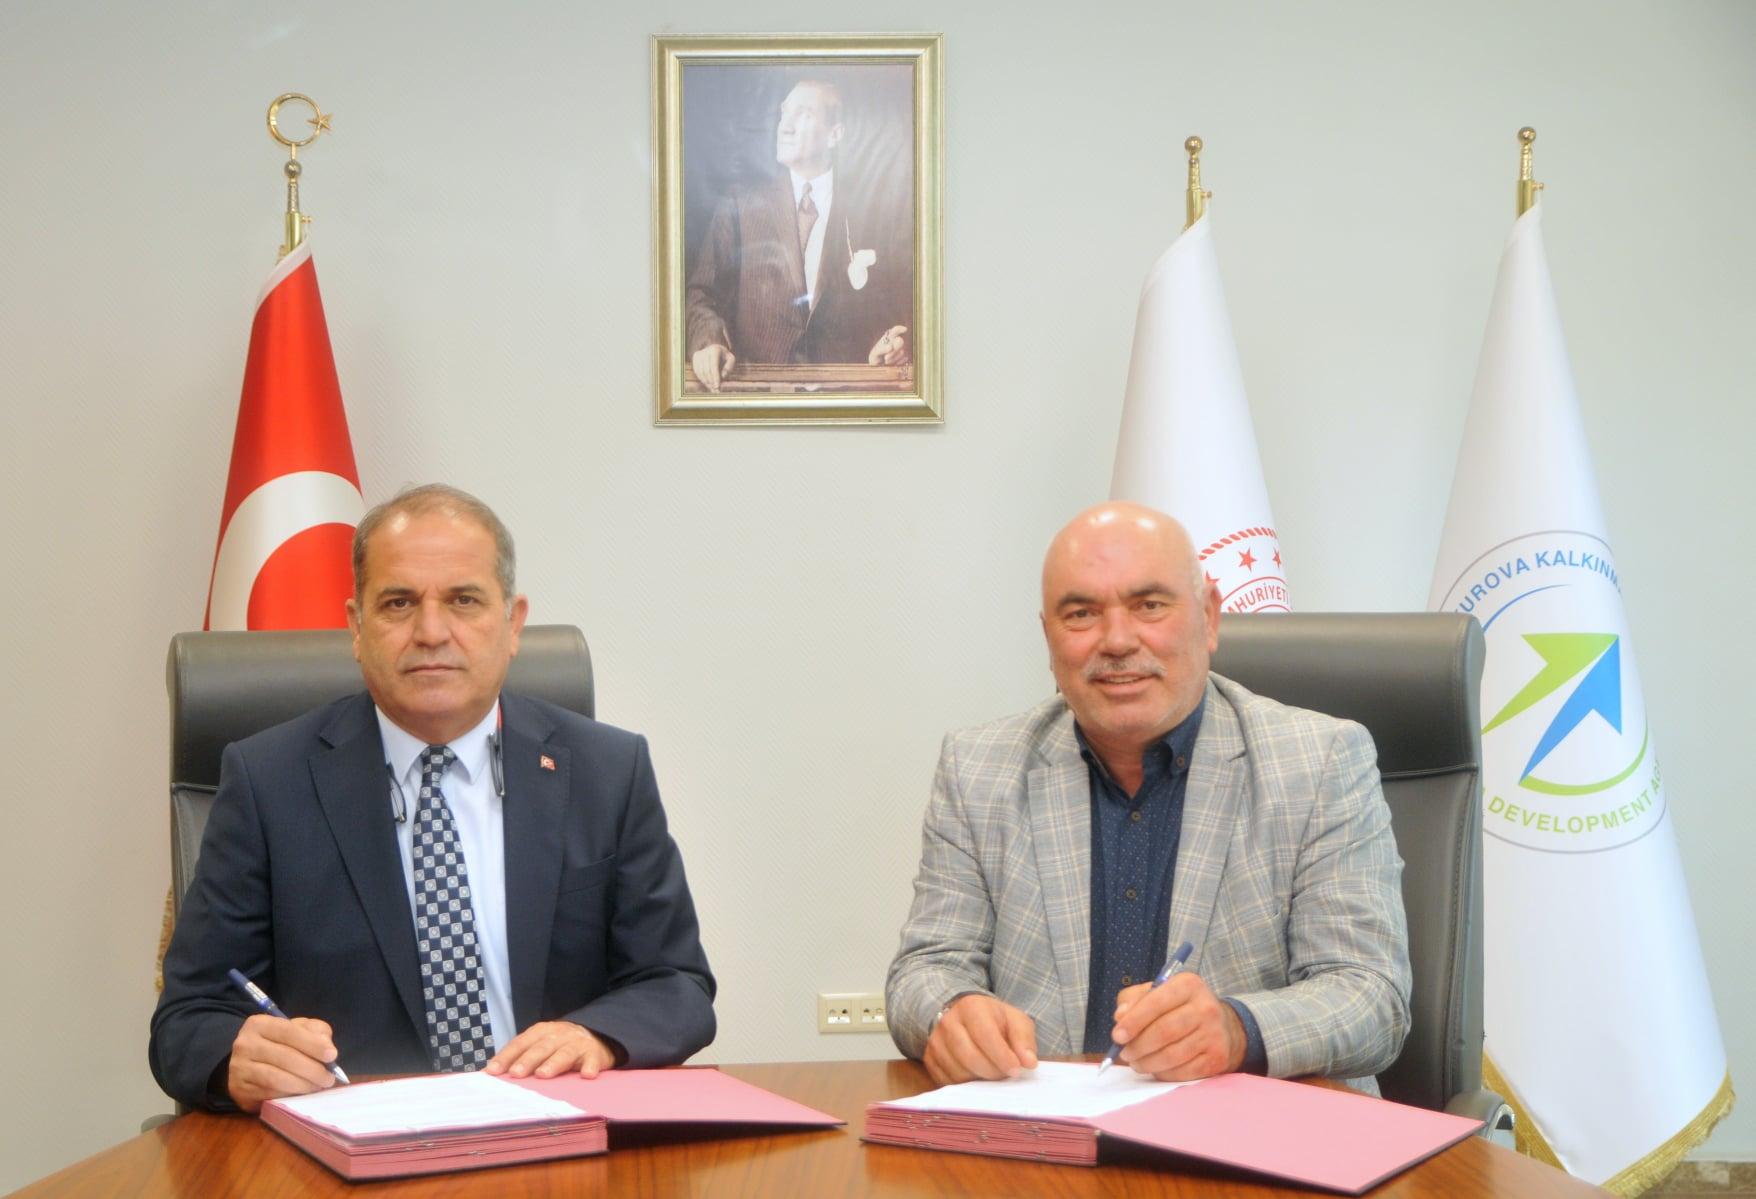 Karaisali Belediye Baskani Saadettin Aslan ve CKA Genel Sekreteri Savas Ulger arasinda protokol imzalandi.(1)